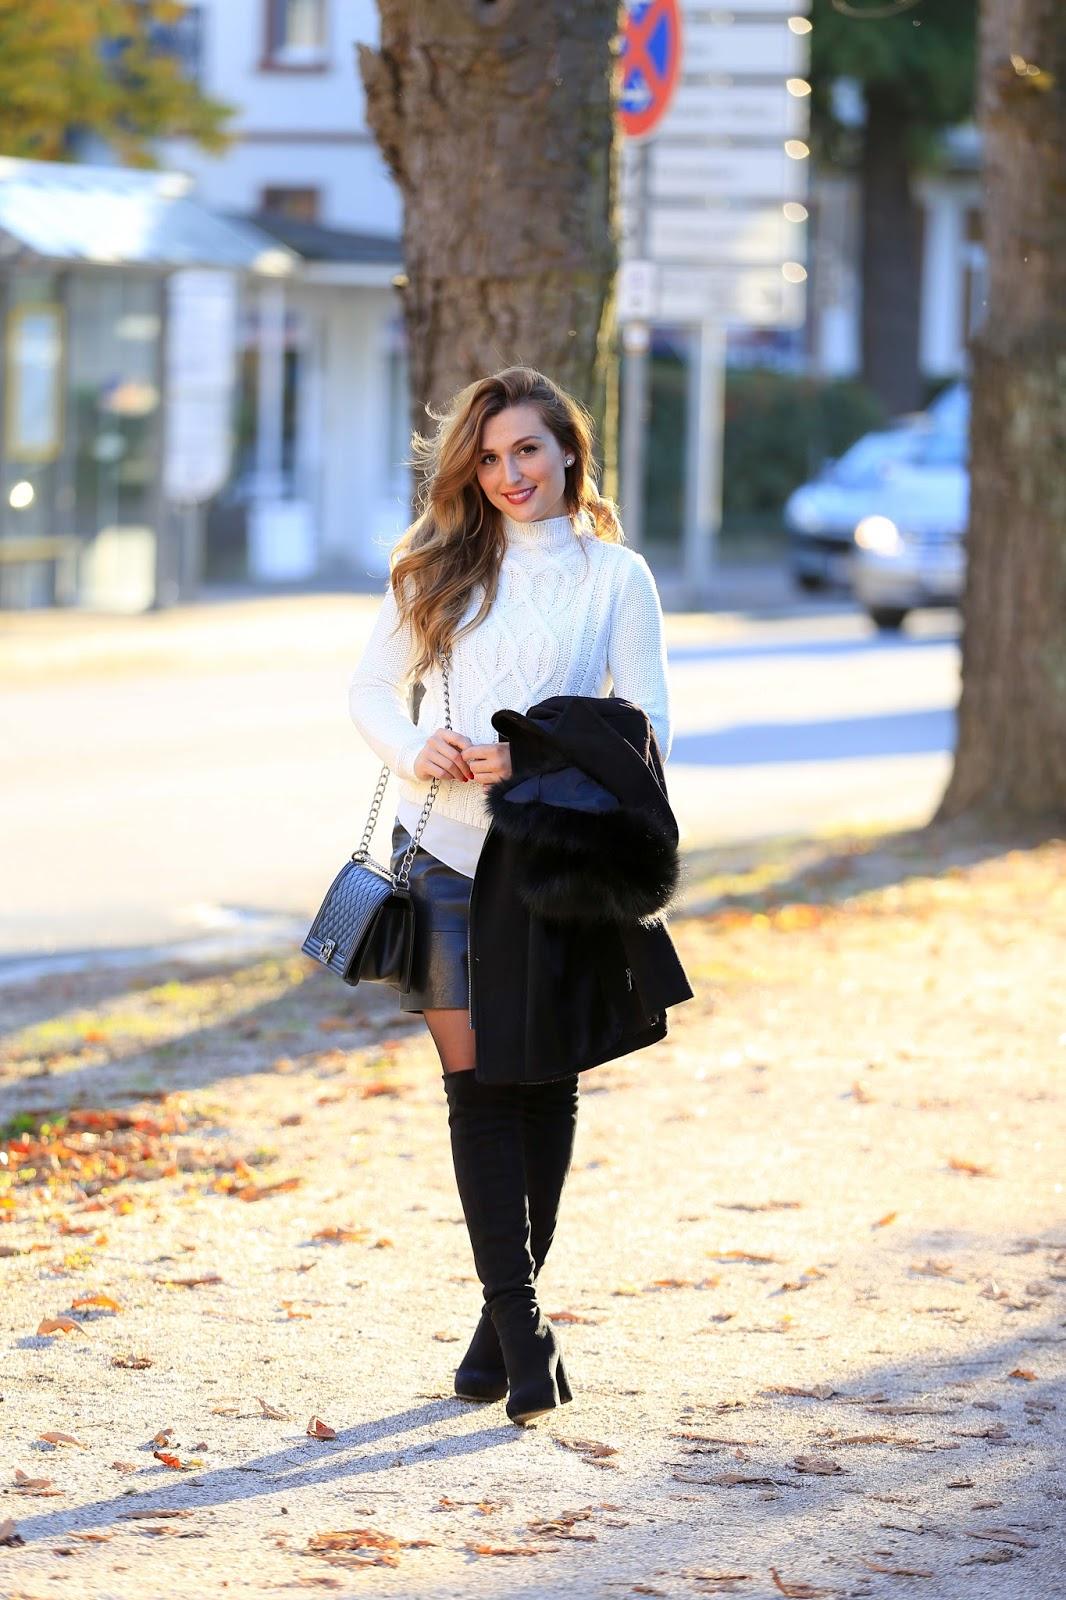 Fashionista-Americanfashion-Instagram-Blogger-Instablogger-wie-mache-ich-mir-locken-Chanel-tasche-paris-look